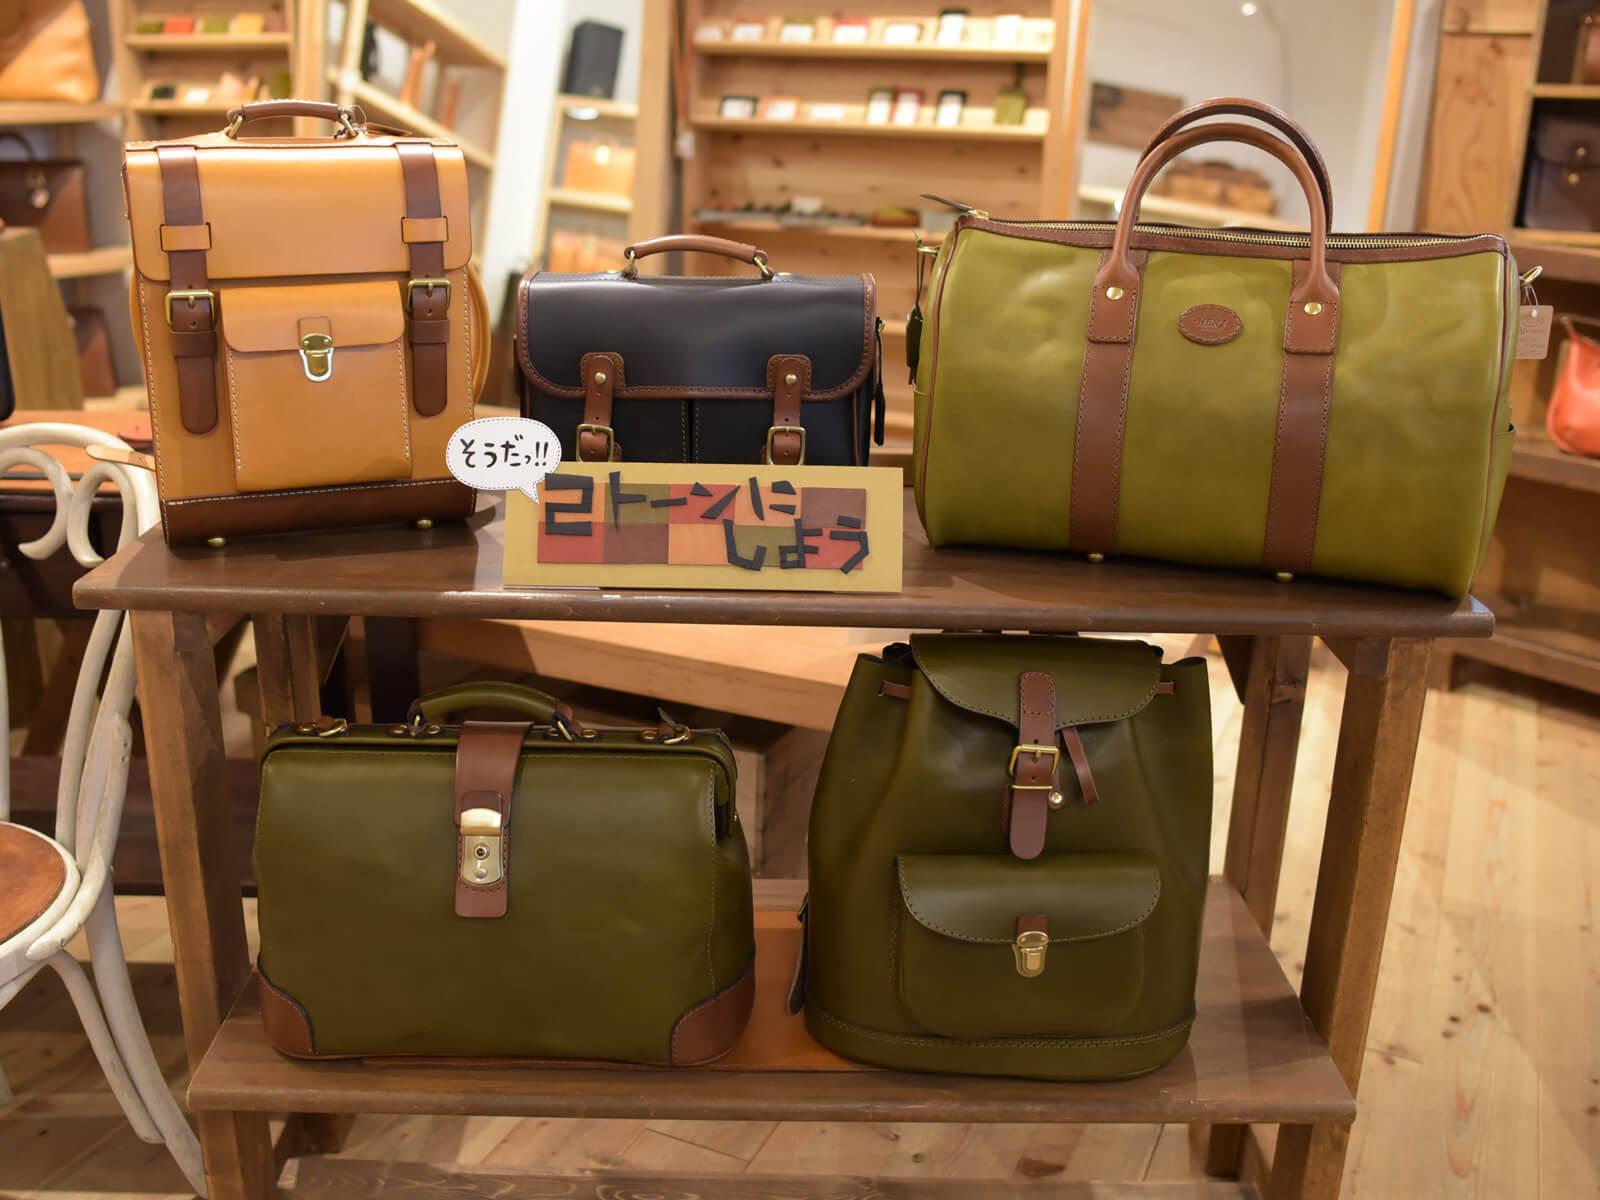 ヘルツ本店、春の2トーンバッグ企画 2017